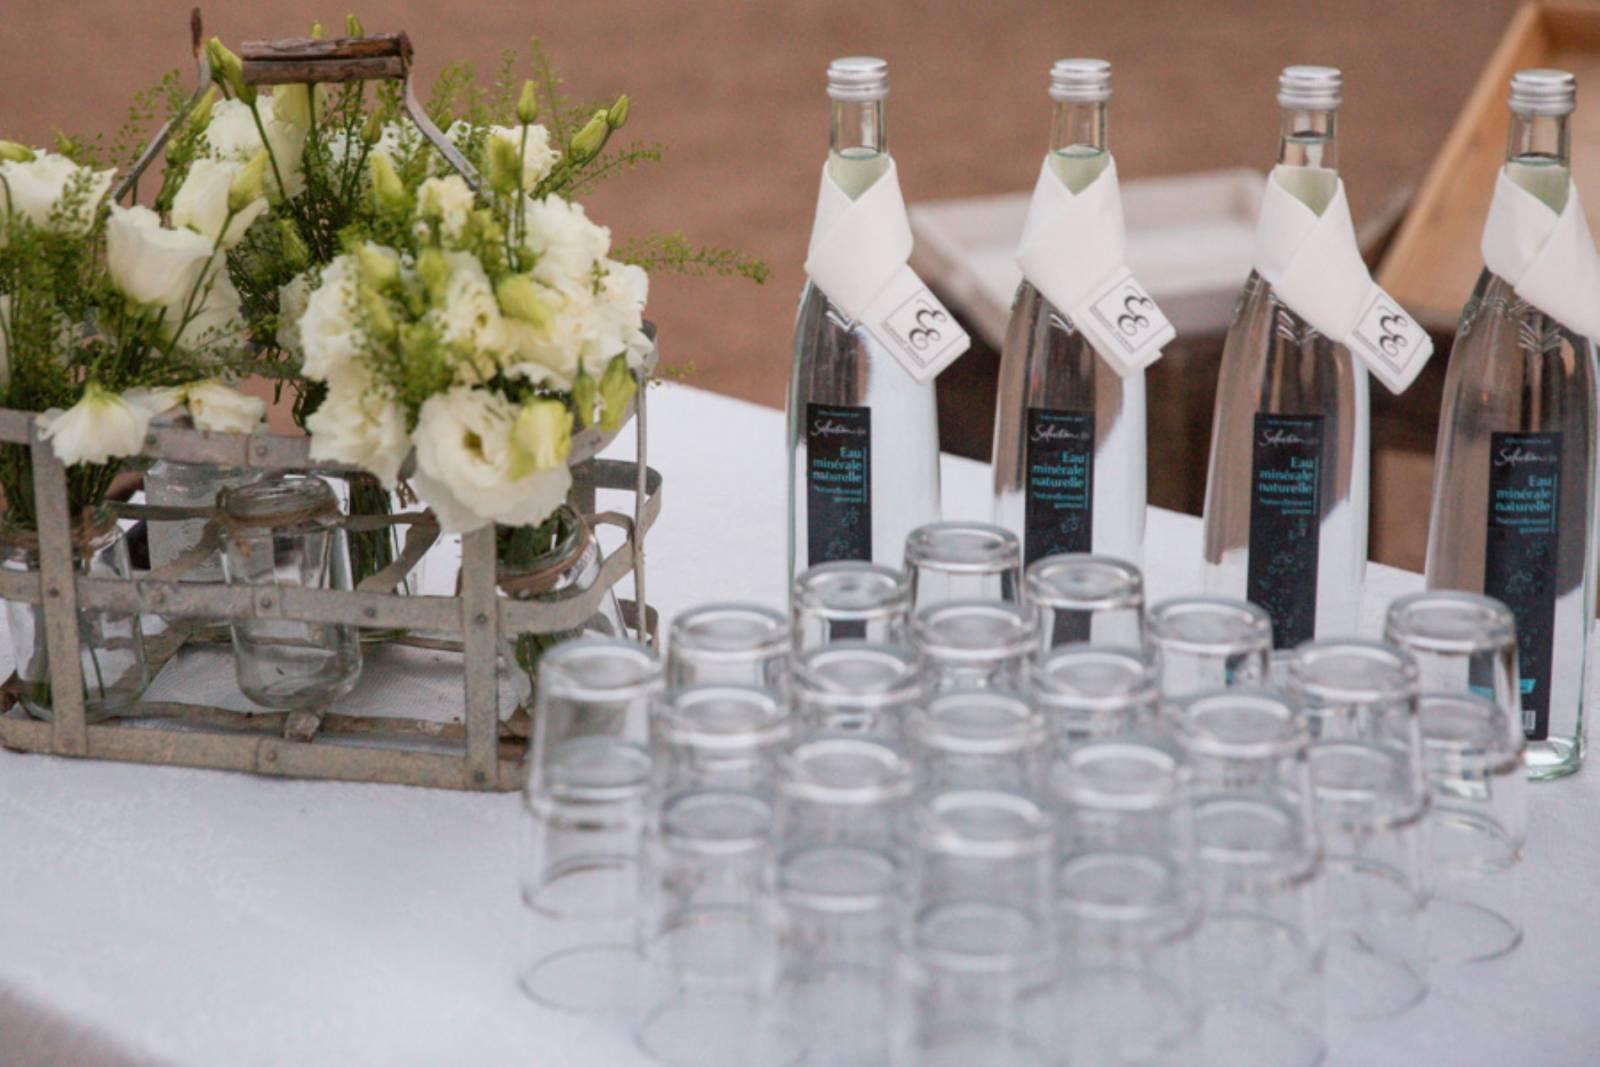 Elegant Events - Weddingplanner - Fotograaf Inge van den Broek fotografie - House of Weddings (8)